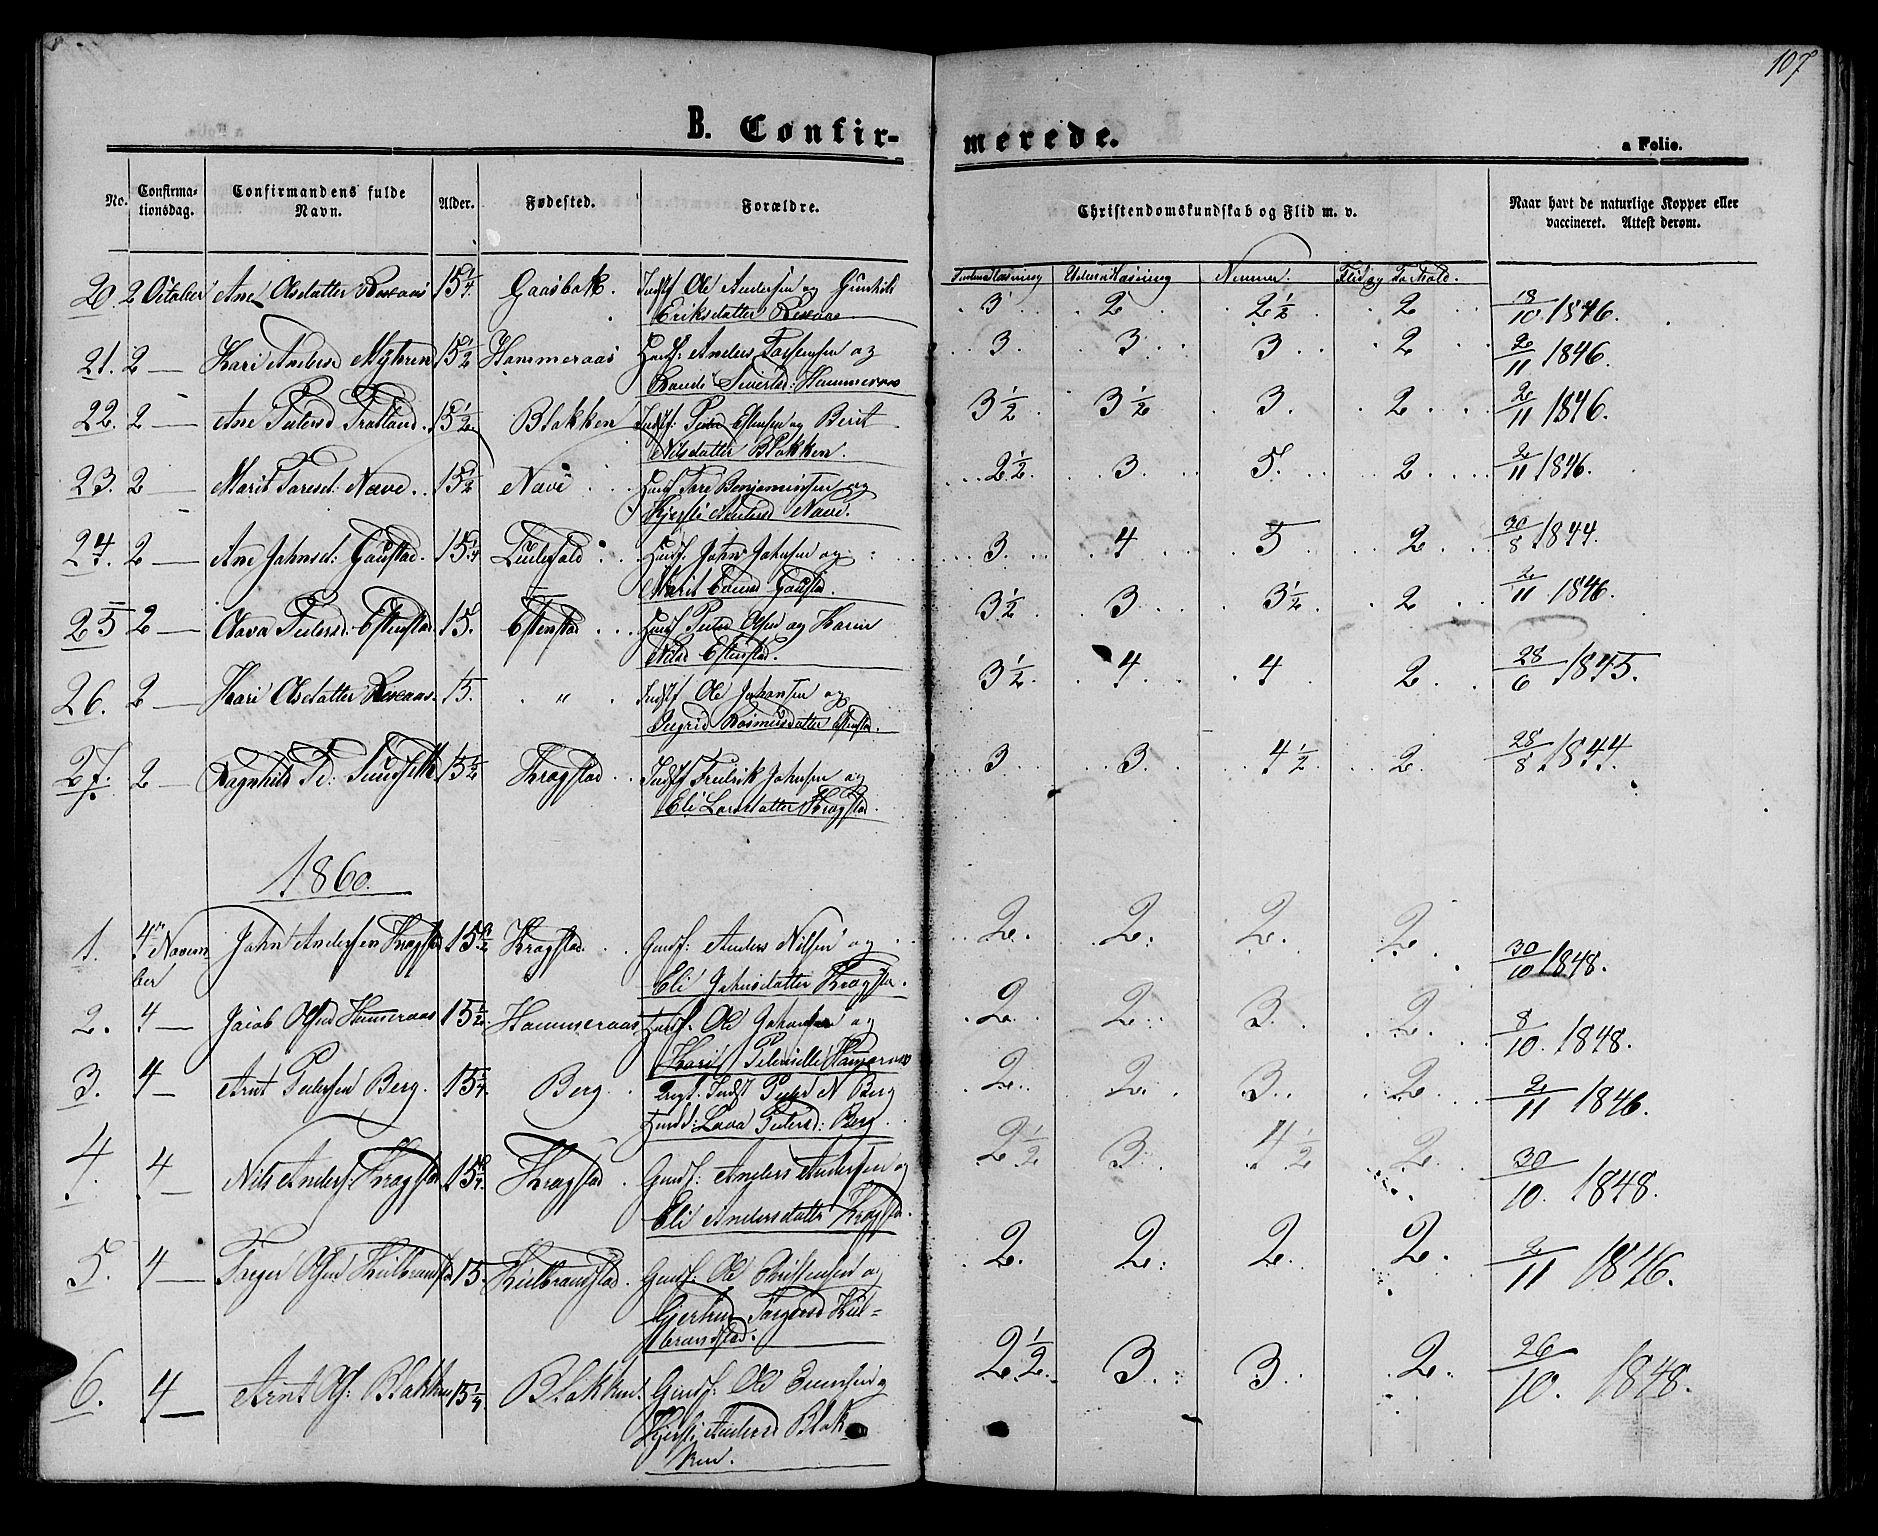 SAT, Ministerialprotokoller, klokkerbøker og fødselsregistre - Sør-Trøndelag, 694/L1131: Klokkerbok nr. 694C03, 1858-1886, s. 107